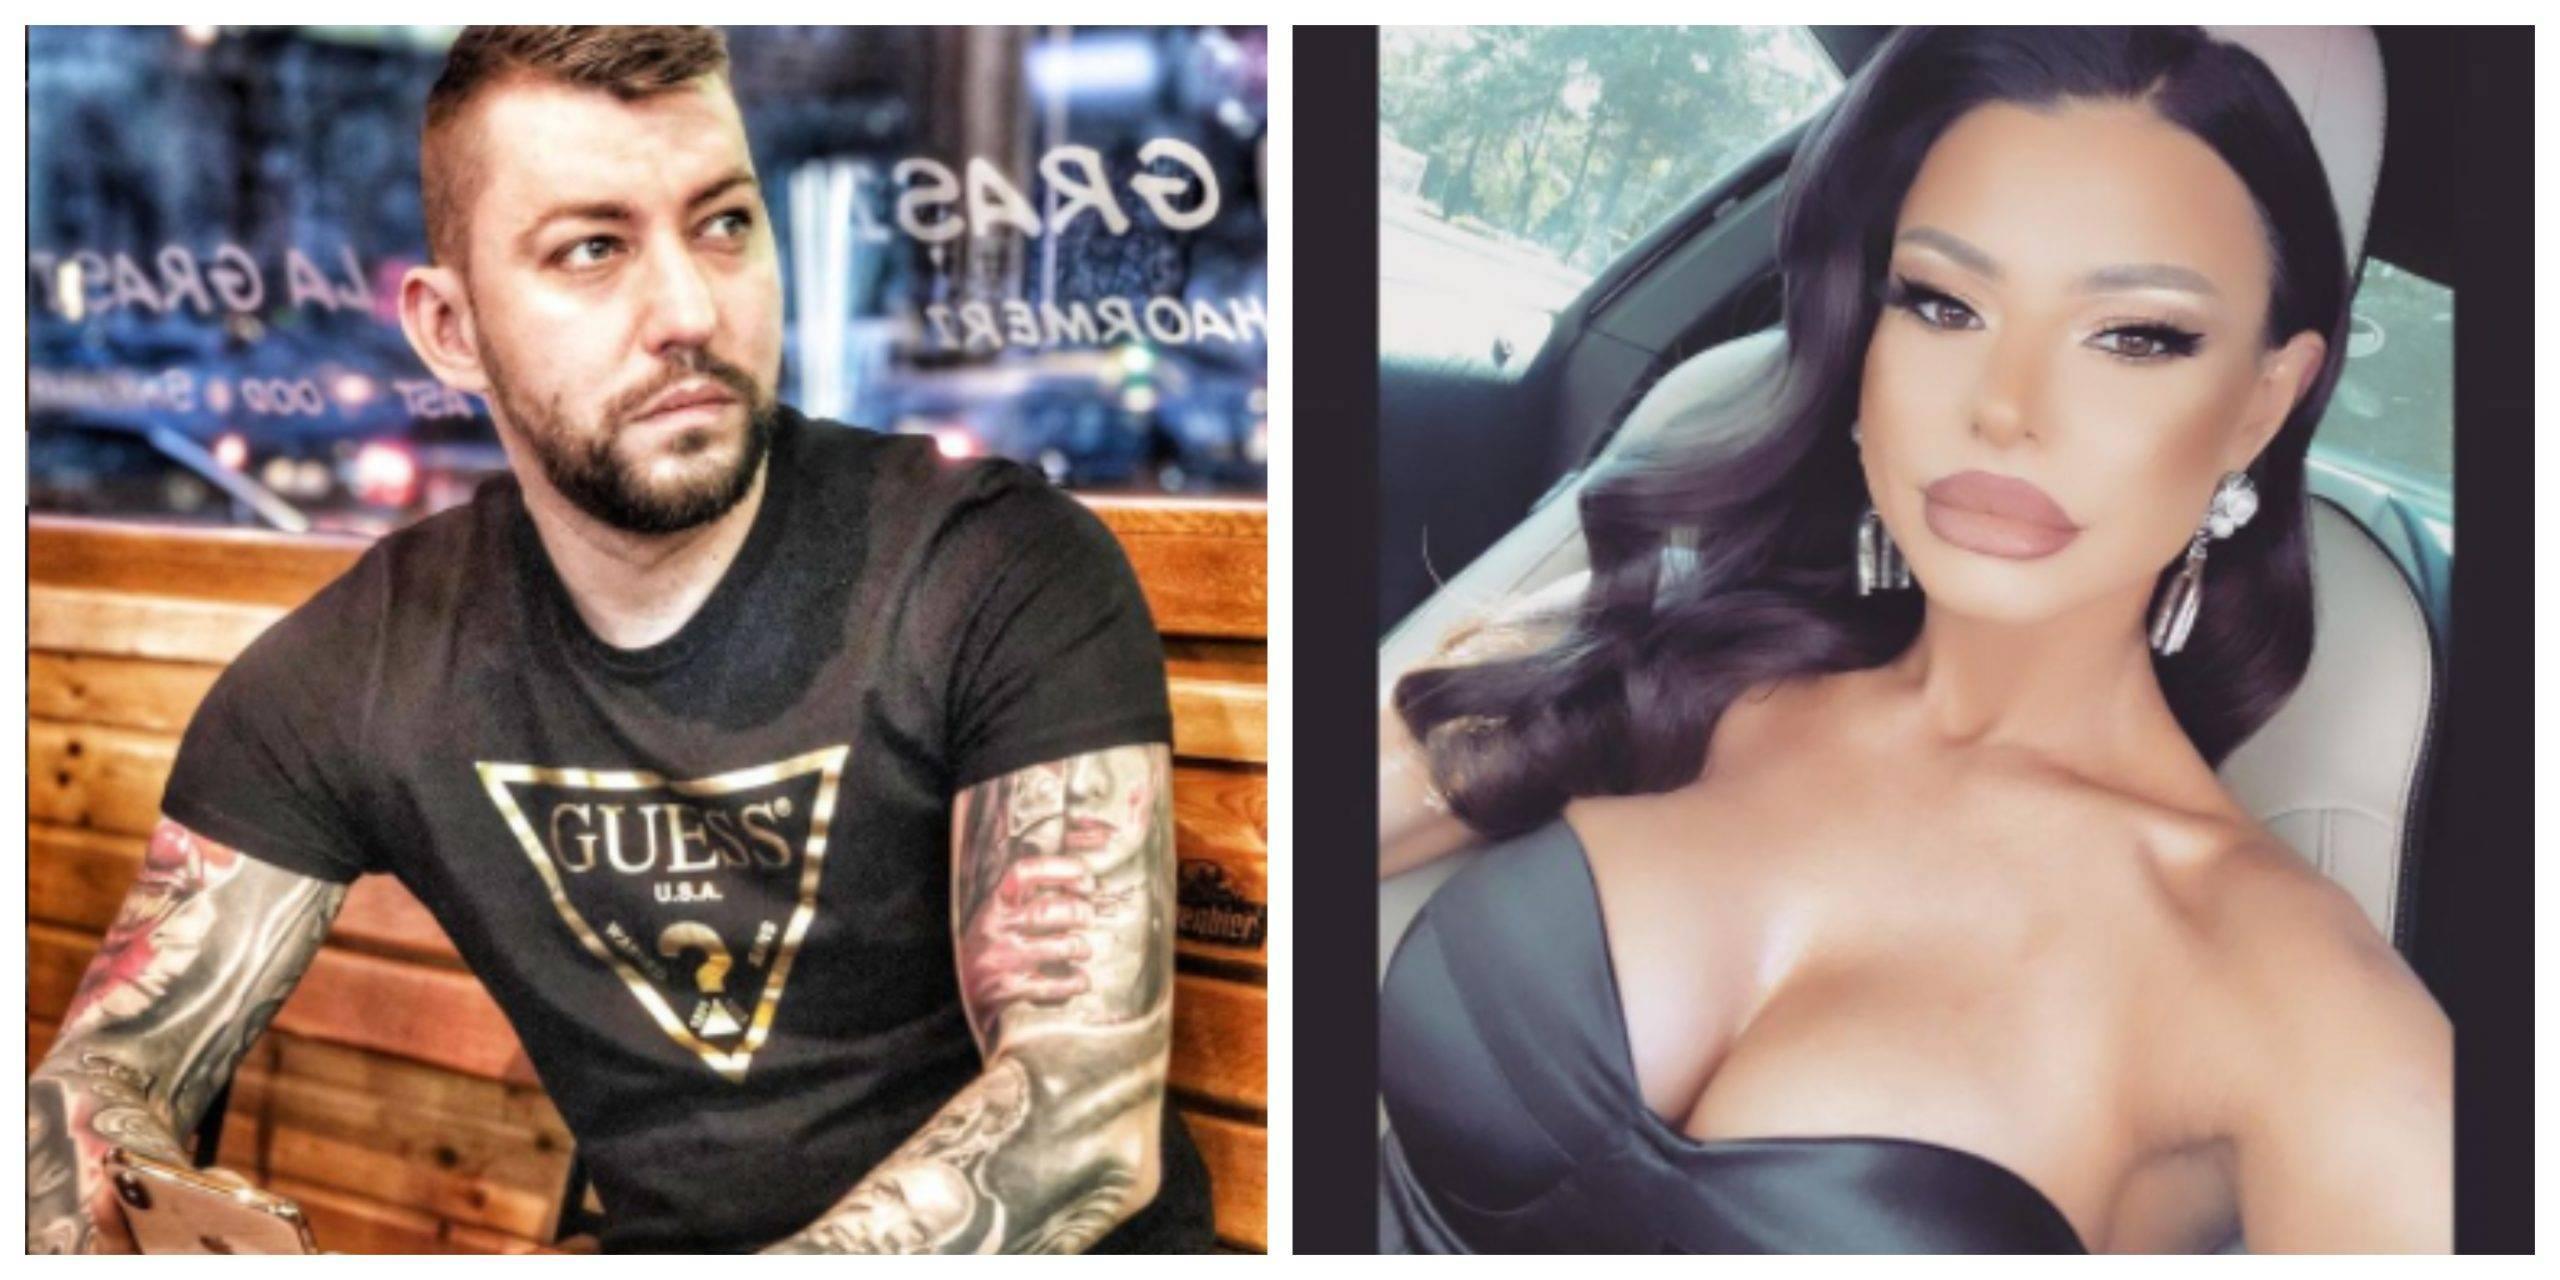 Ana Maria Mocanu își acuză fostul iubit de violență și infidelitate! Cum a răspuns Rareș acestor acuzații